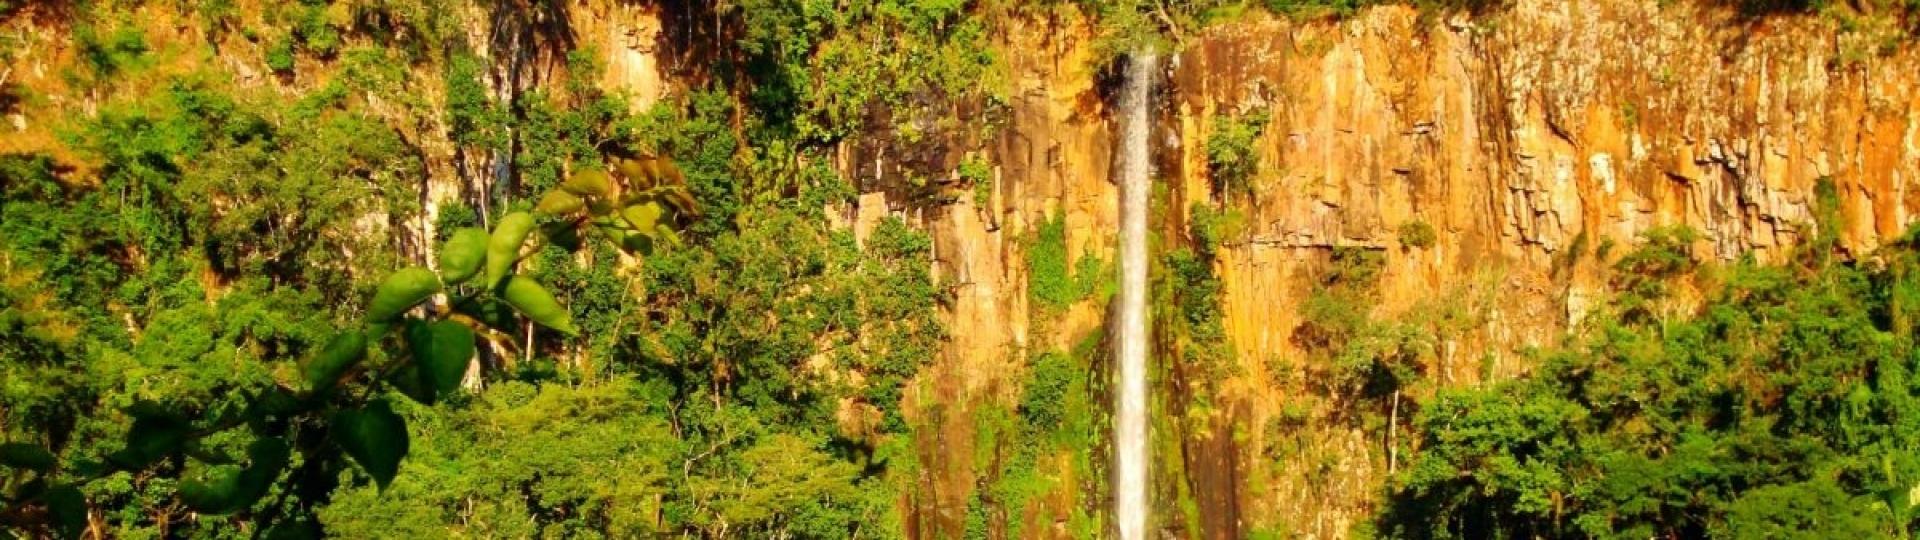 Cássia dos Coqueiros: turismo inexplorado